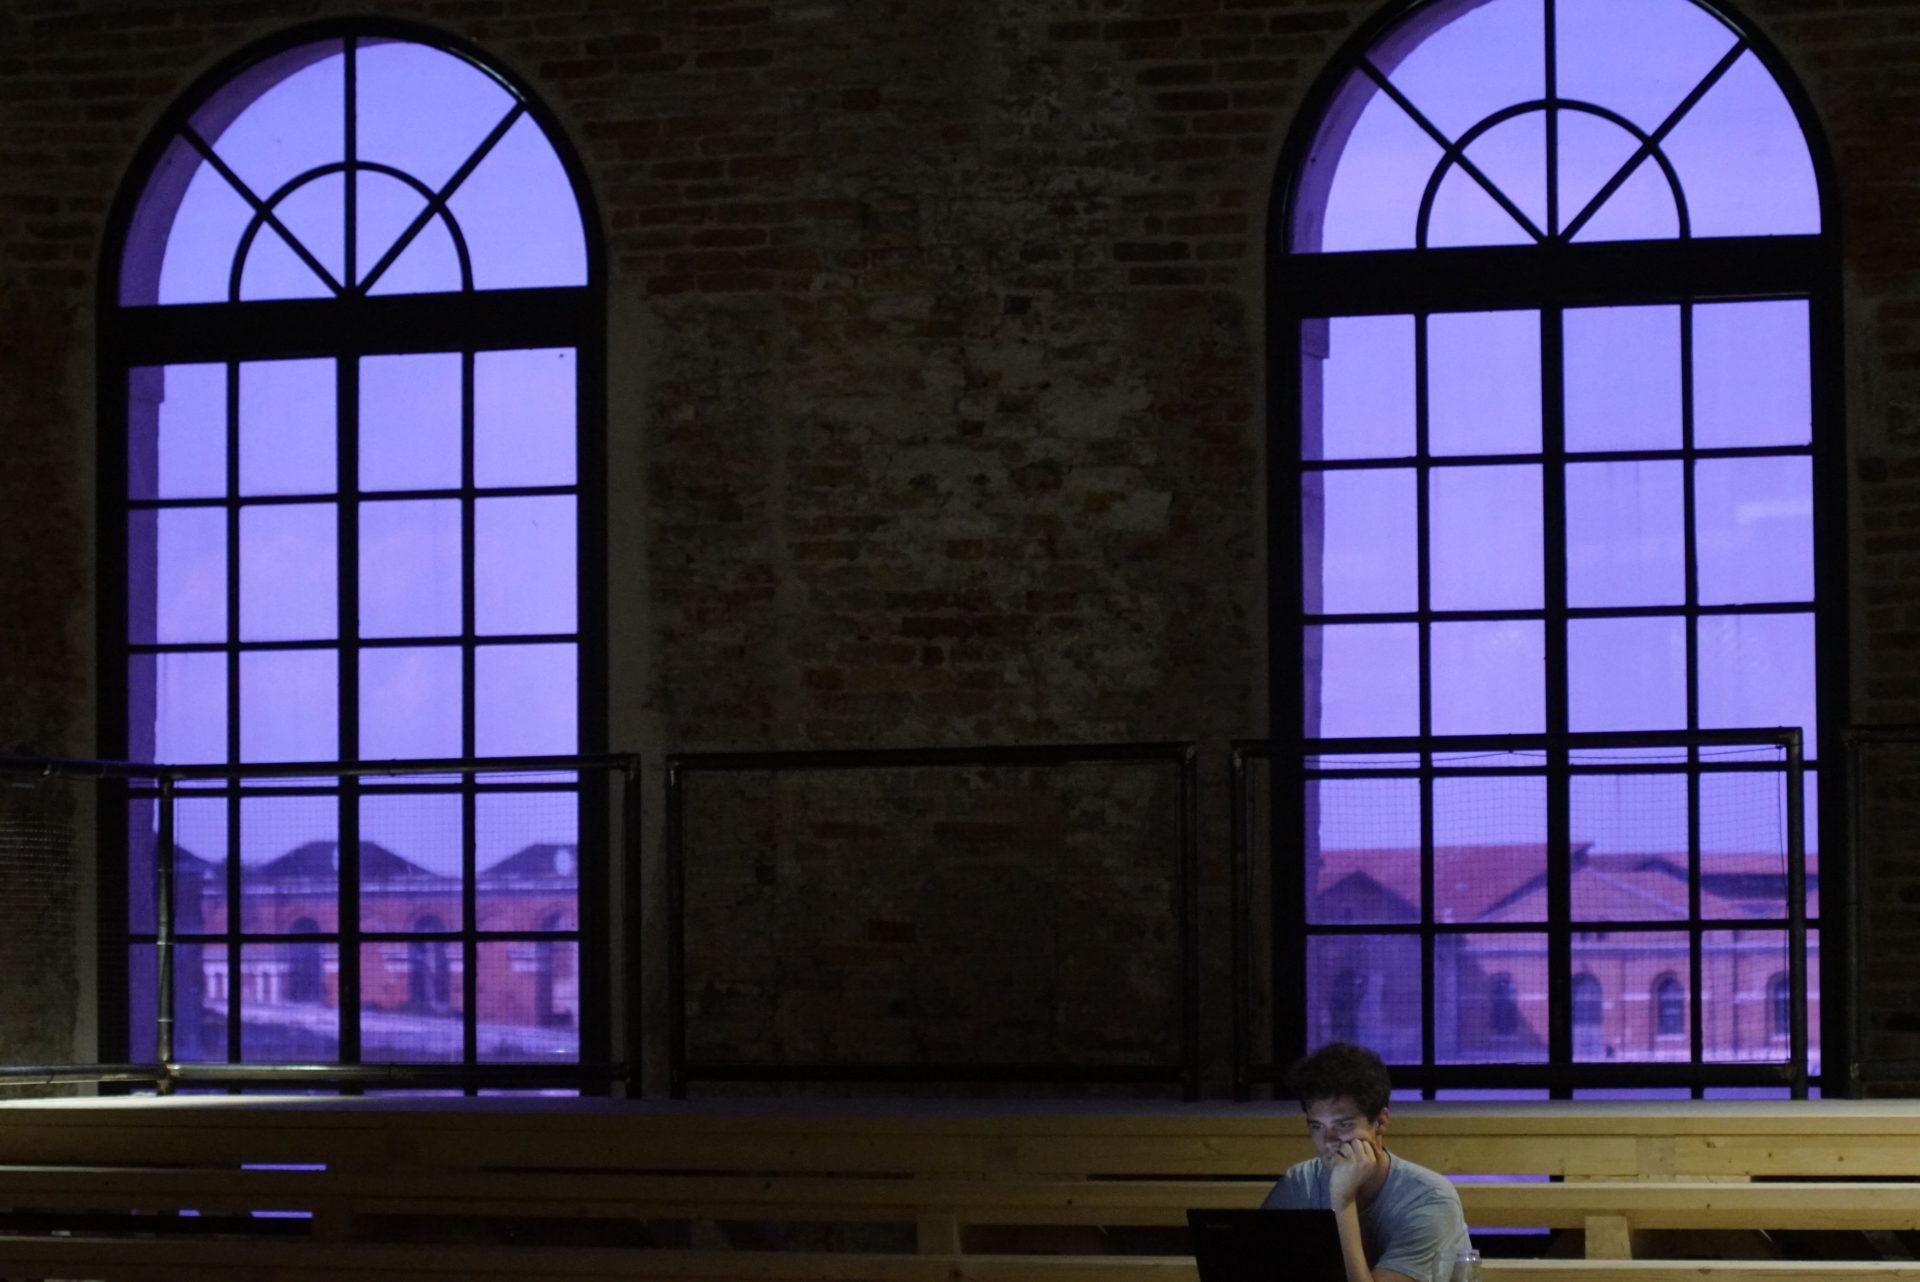 Zwei große lila Rundbogenfenster durch die man Teile des Arsenals von Venedig sieht. Im Vordeergrund sind lange helle Tische zu sehen an denen ein Mann in einen Laptop Blickt